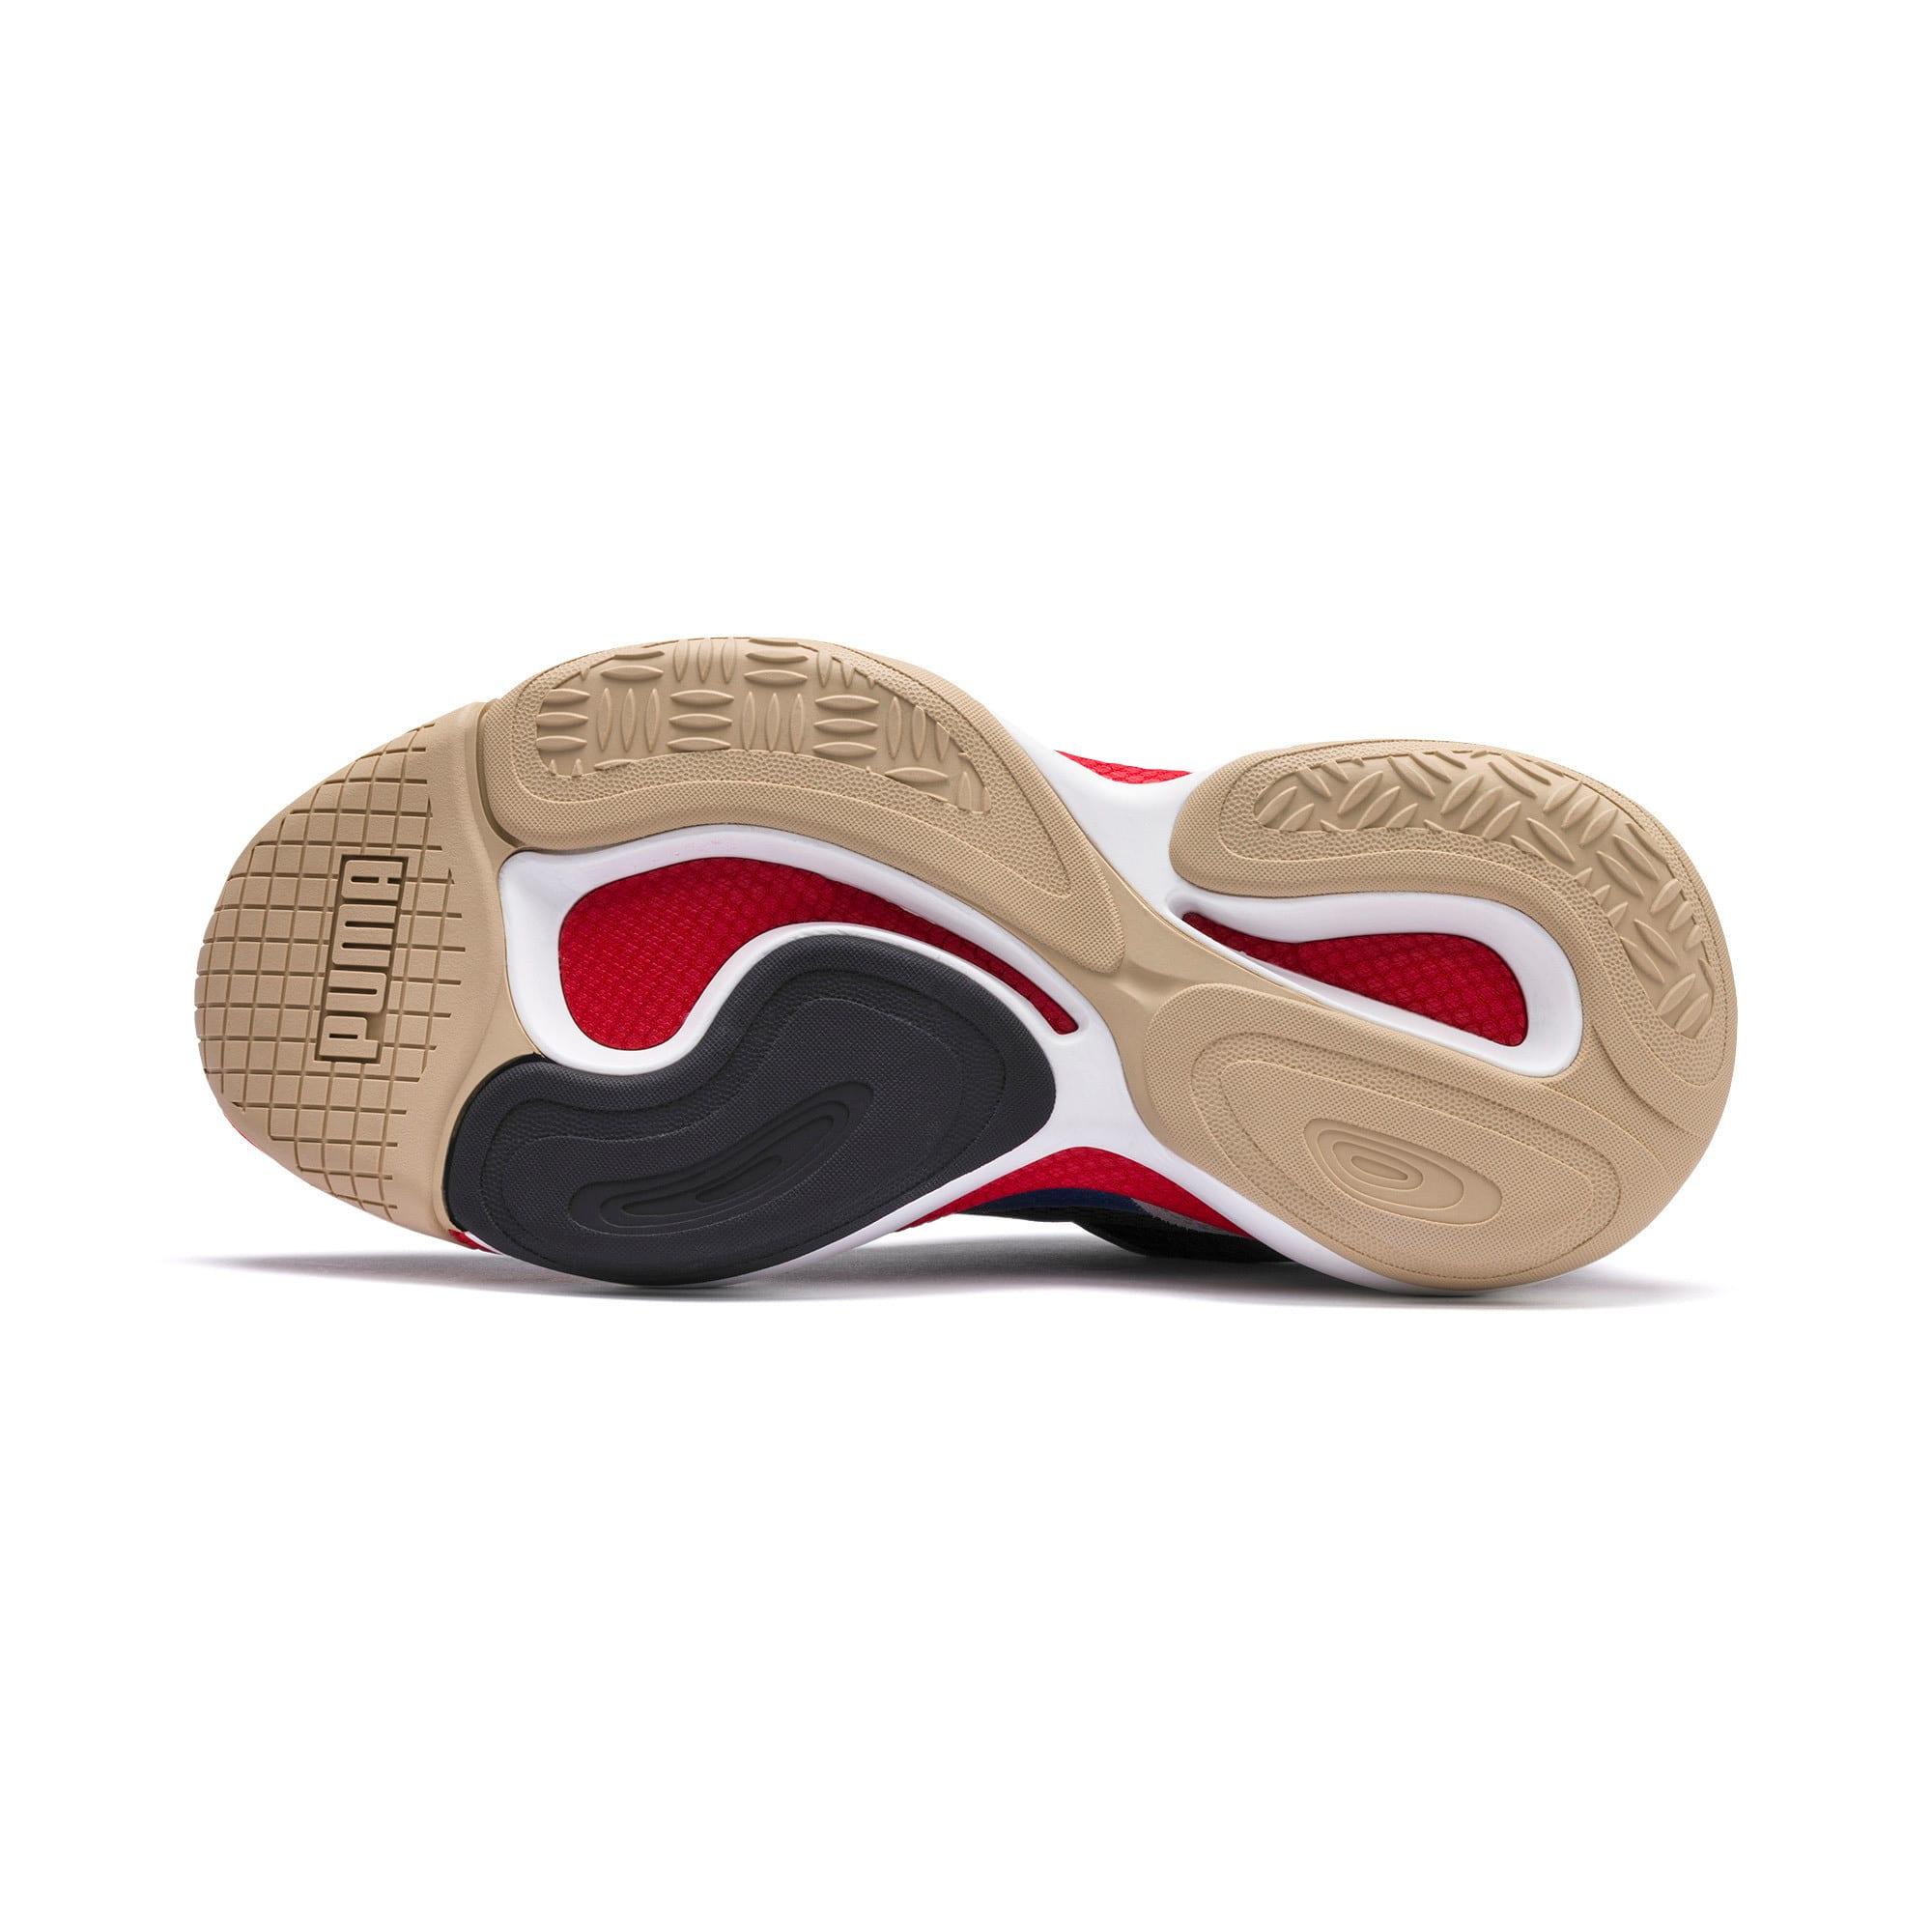 Miniatura 4 de Zapatos deportivos Alteration Kurve, High Rise-Puma Black, mediano